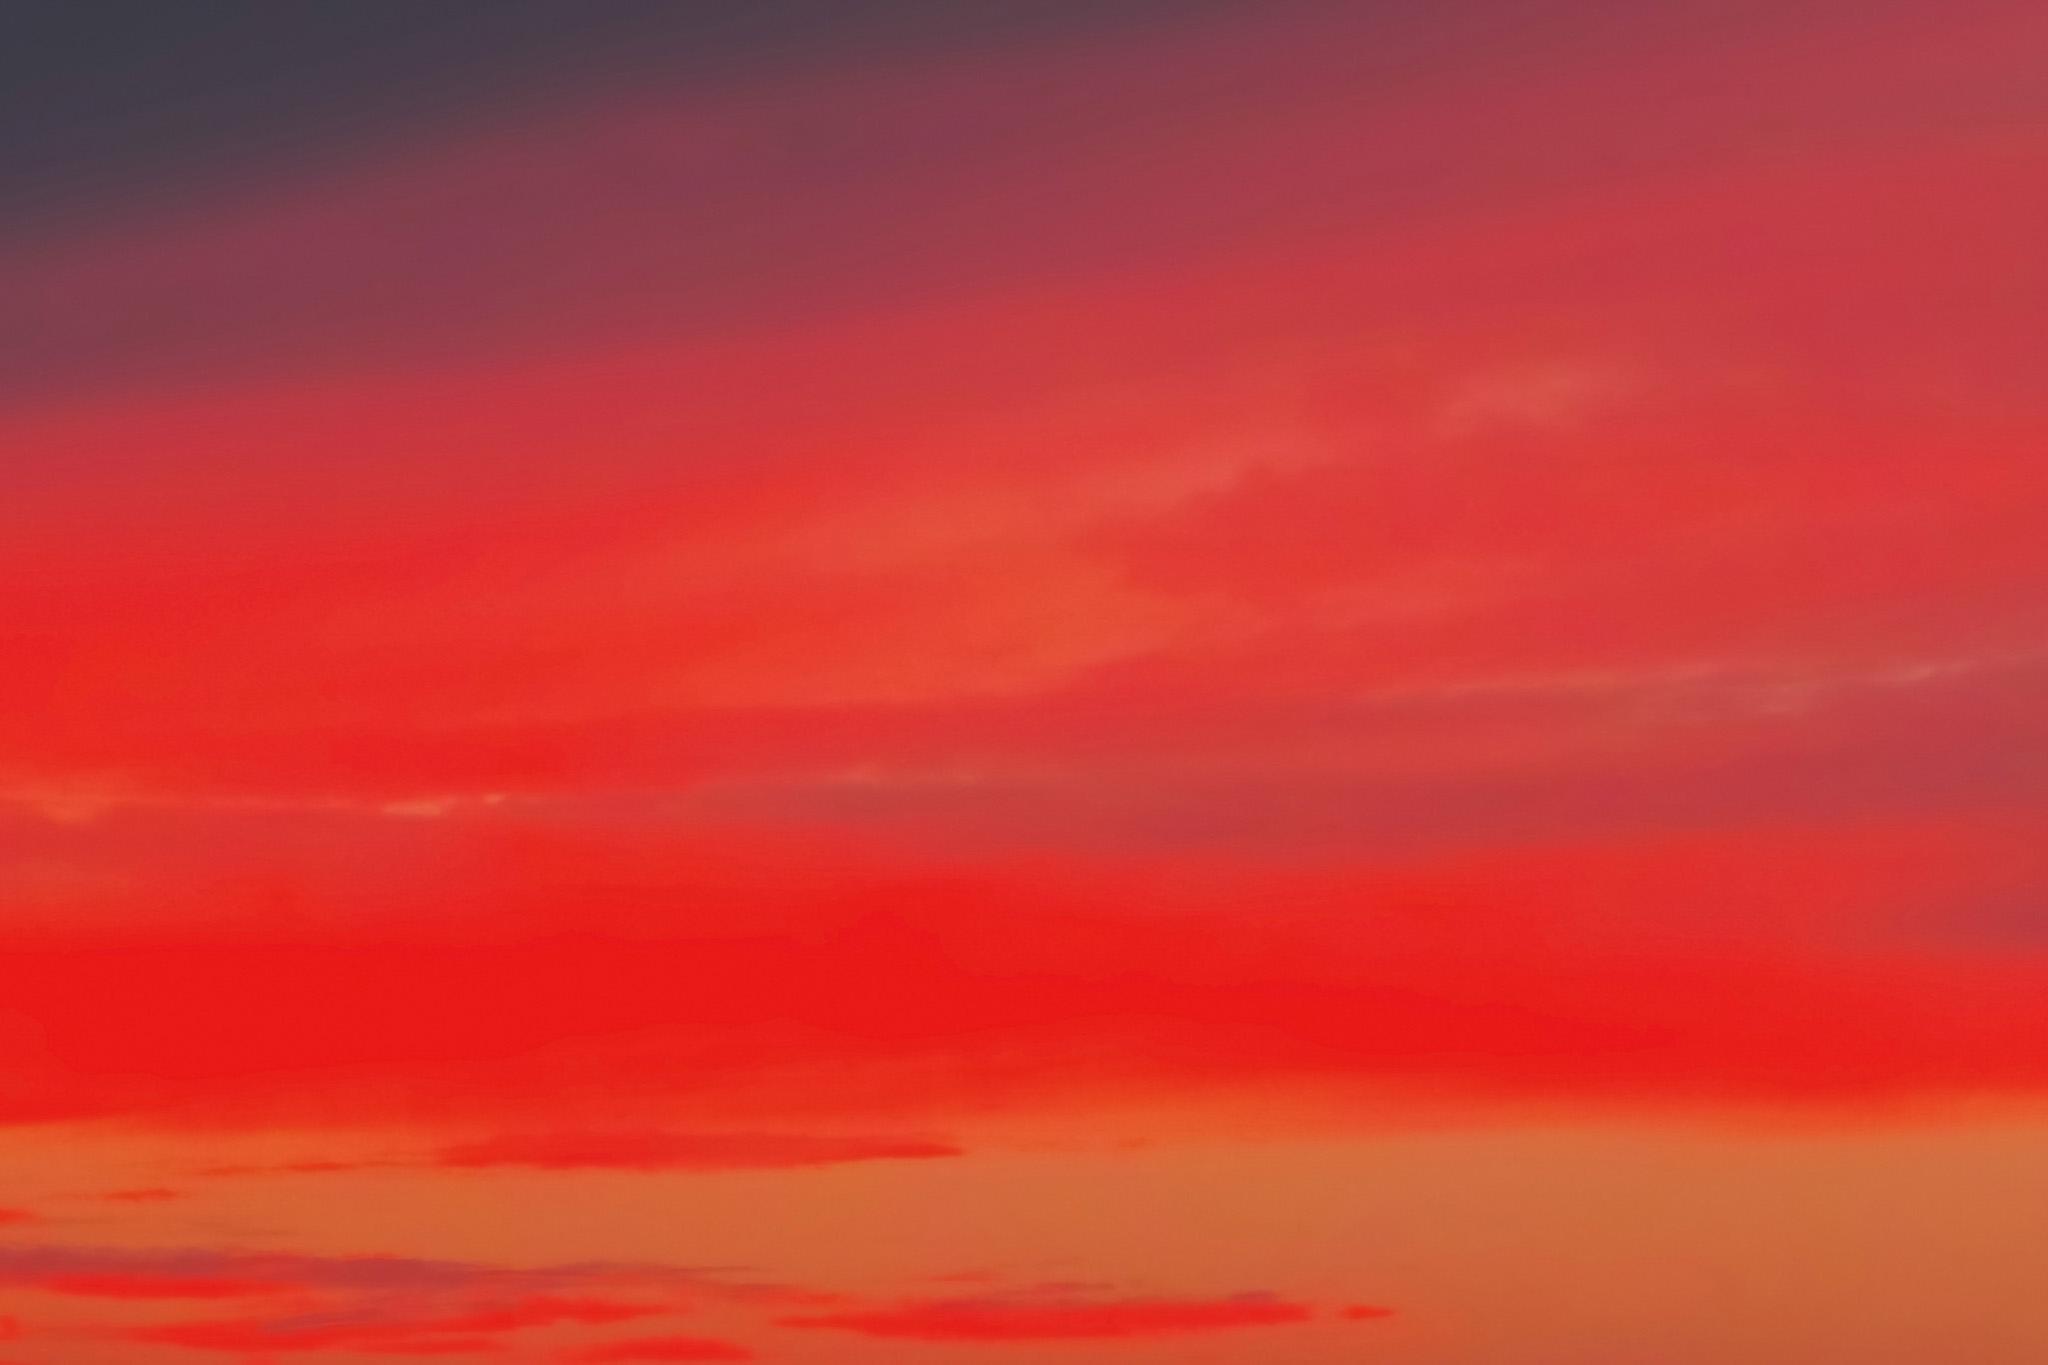 「鮮彩な赤い染物のような夕焼け」